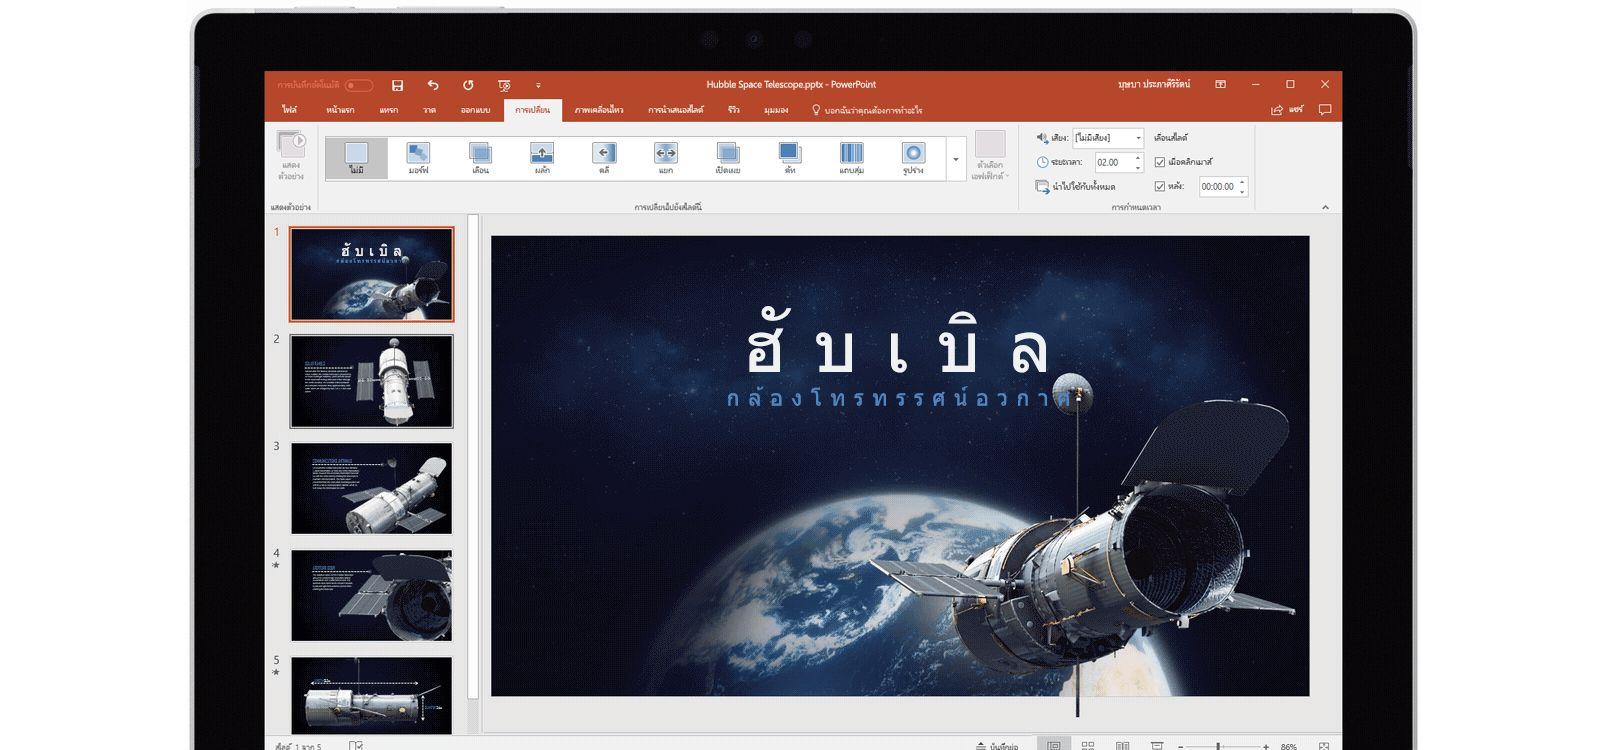 หน้าจอแท็บเล็ตแสดงมอร์ฟที่กำลังถูกใช้ใน PowerPoint เกี่ยวกับกล้องดูดาว